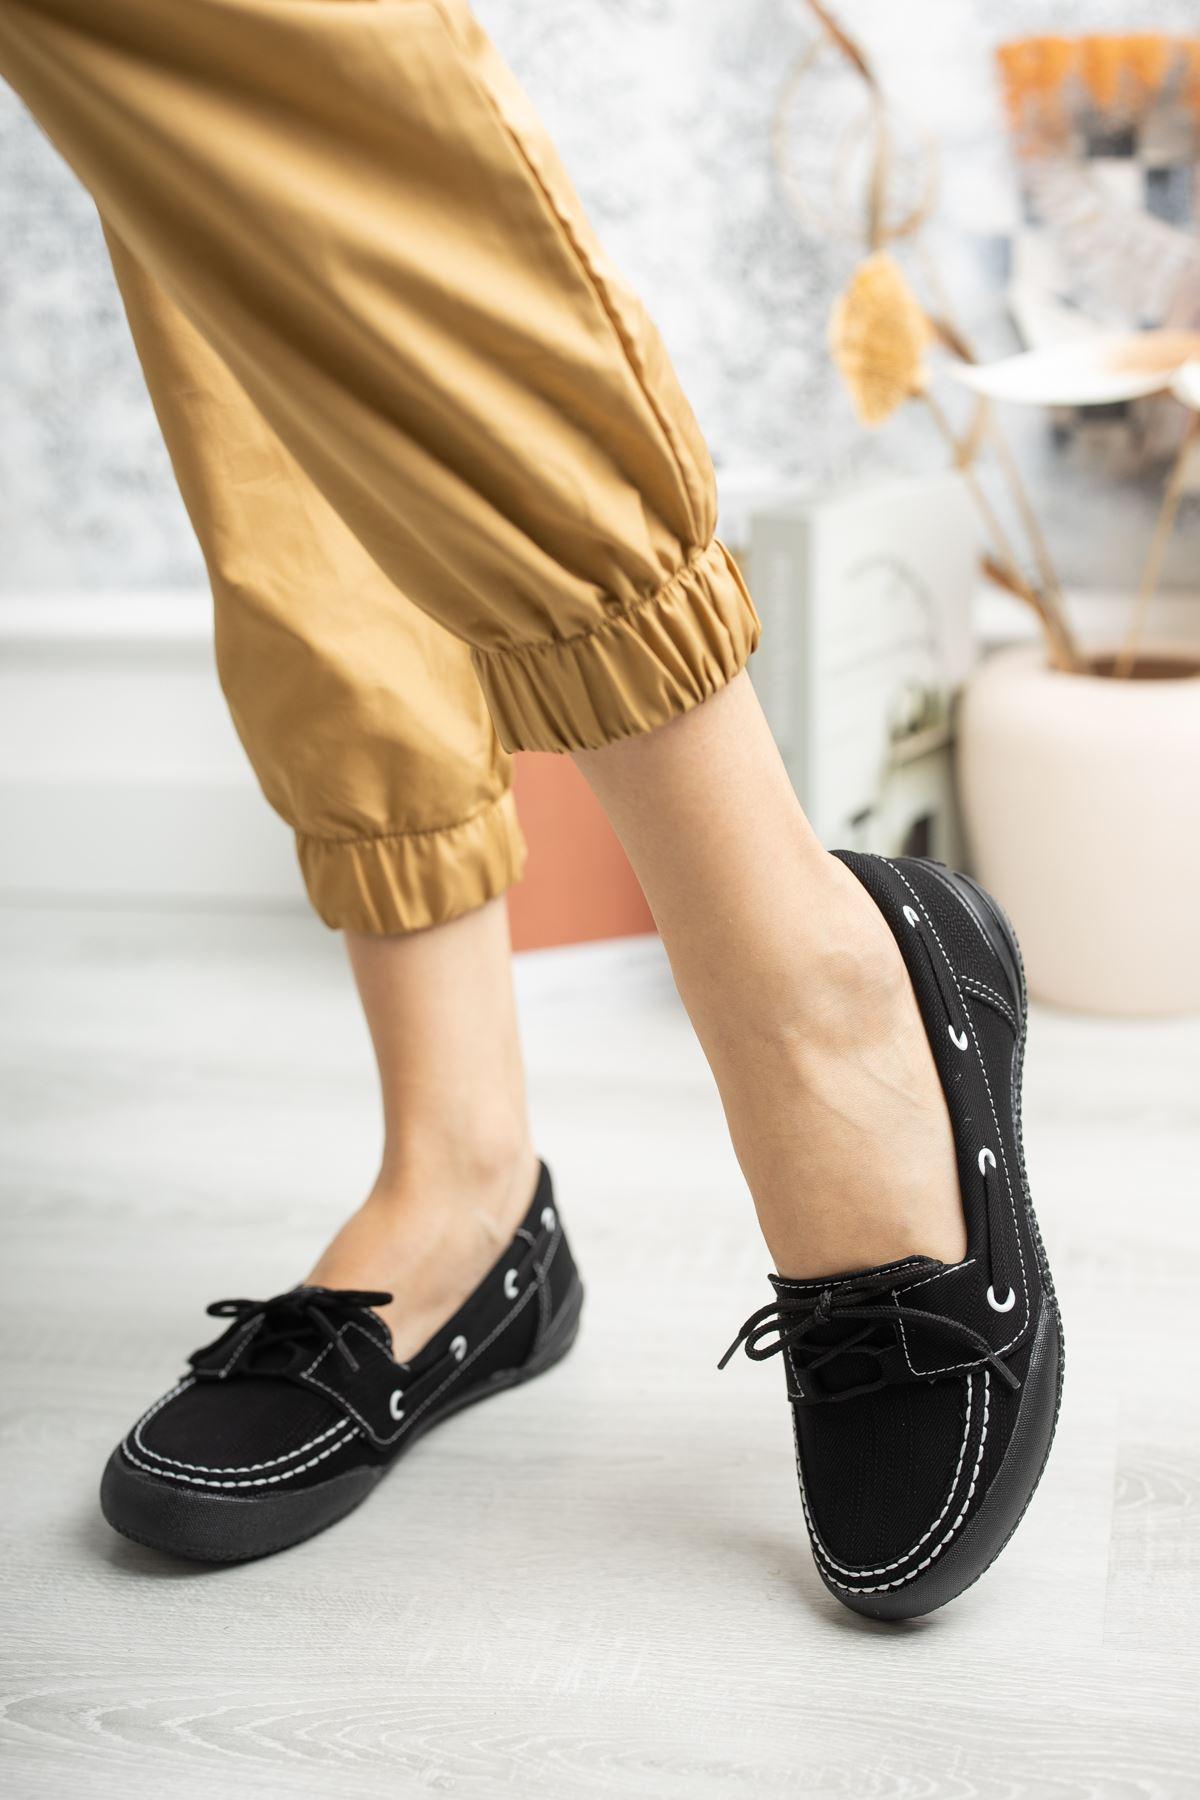 Ortapedik Pedli Bağcıklı Siyah Ayakkabı